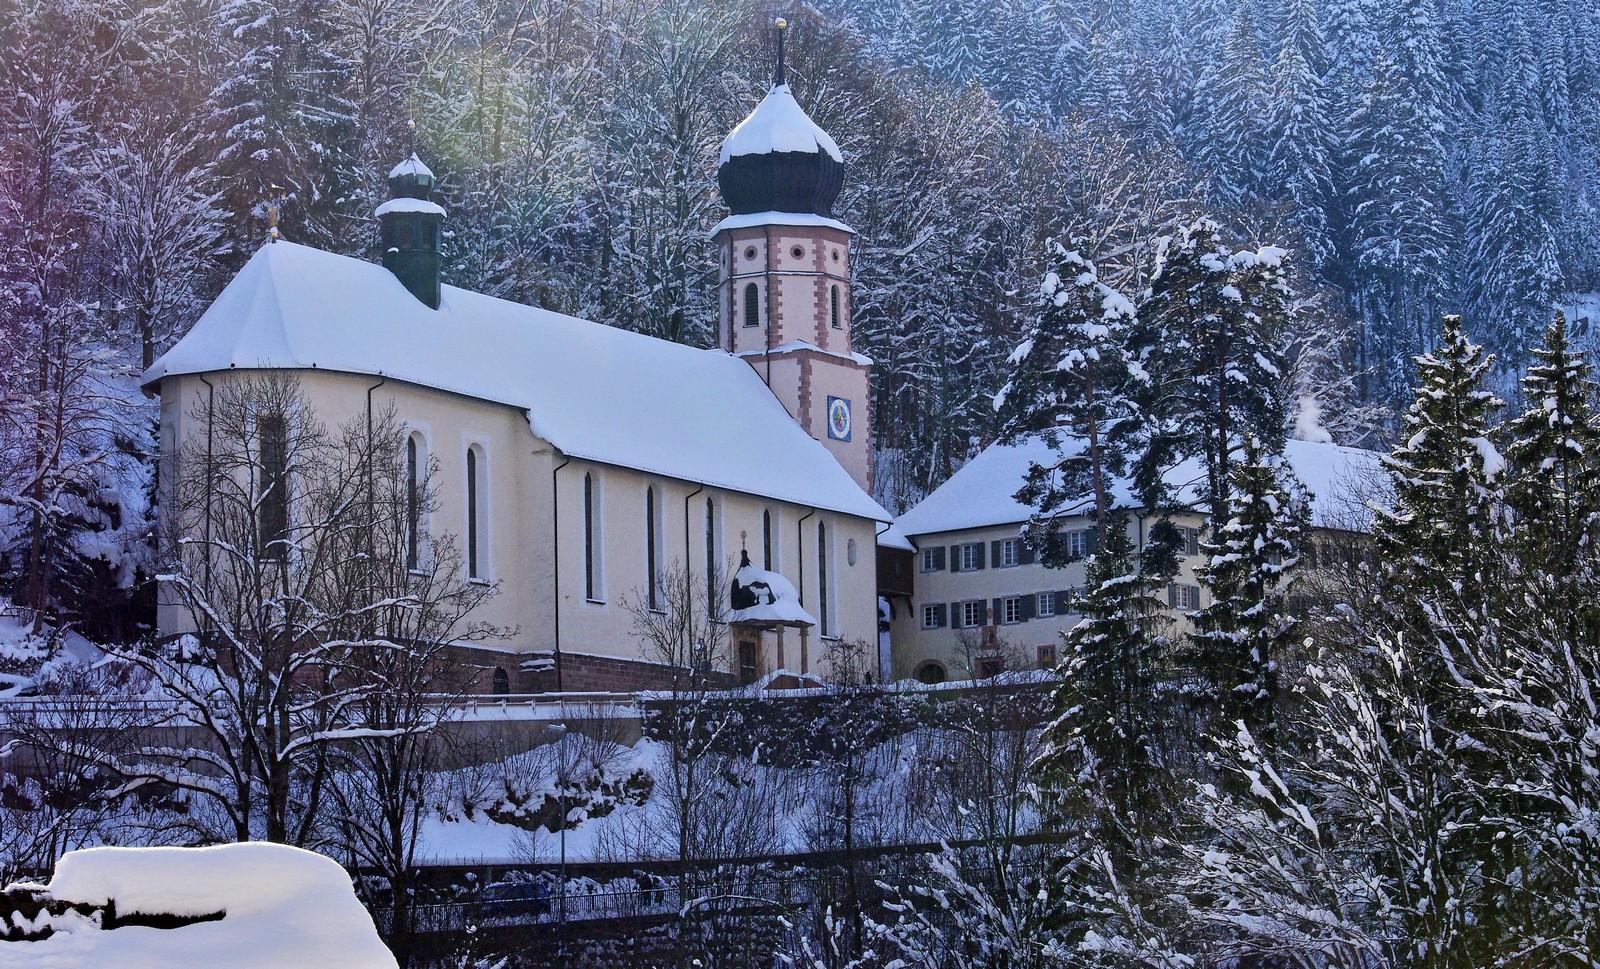 María en el Abeto, un Lugar de Curaciones creado por María, Alemania (20 dic)